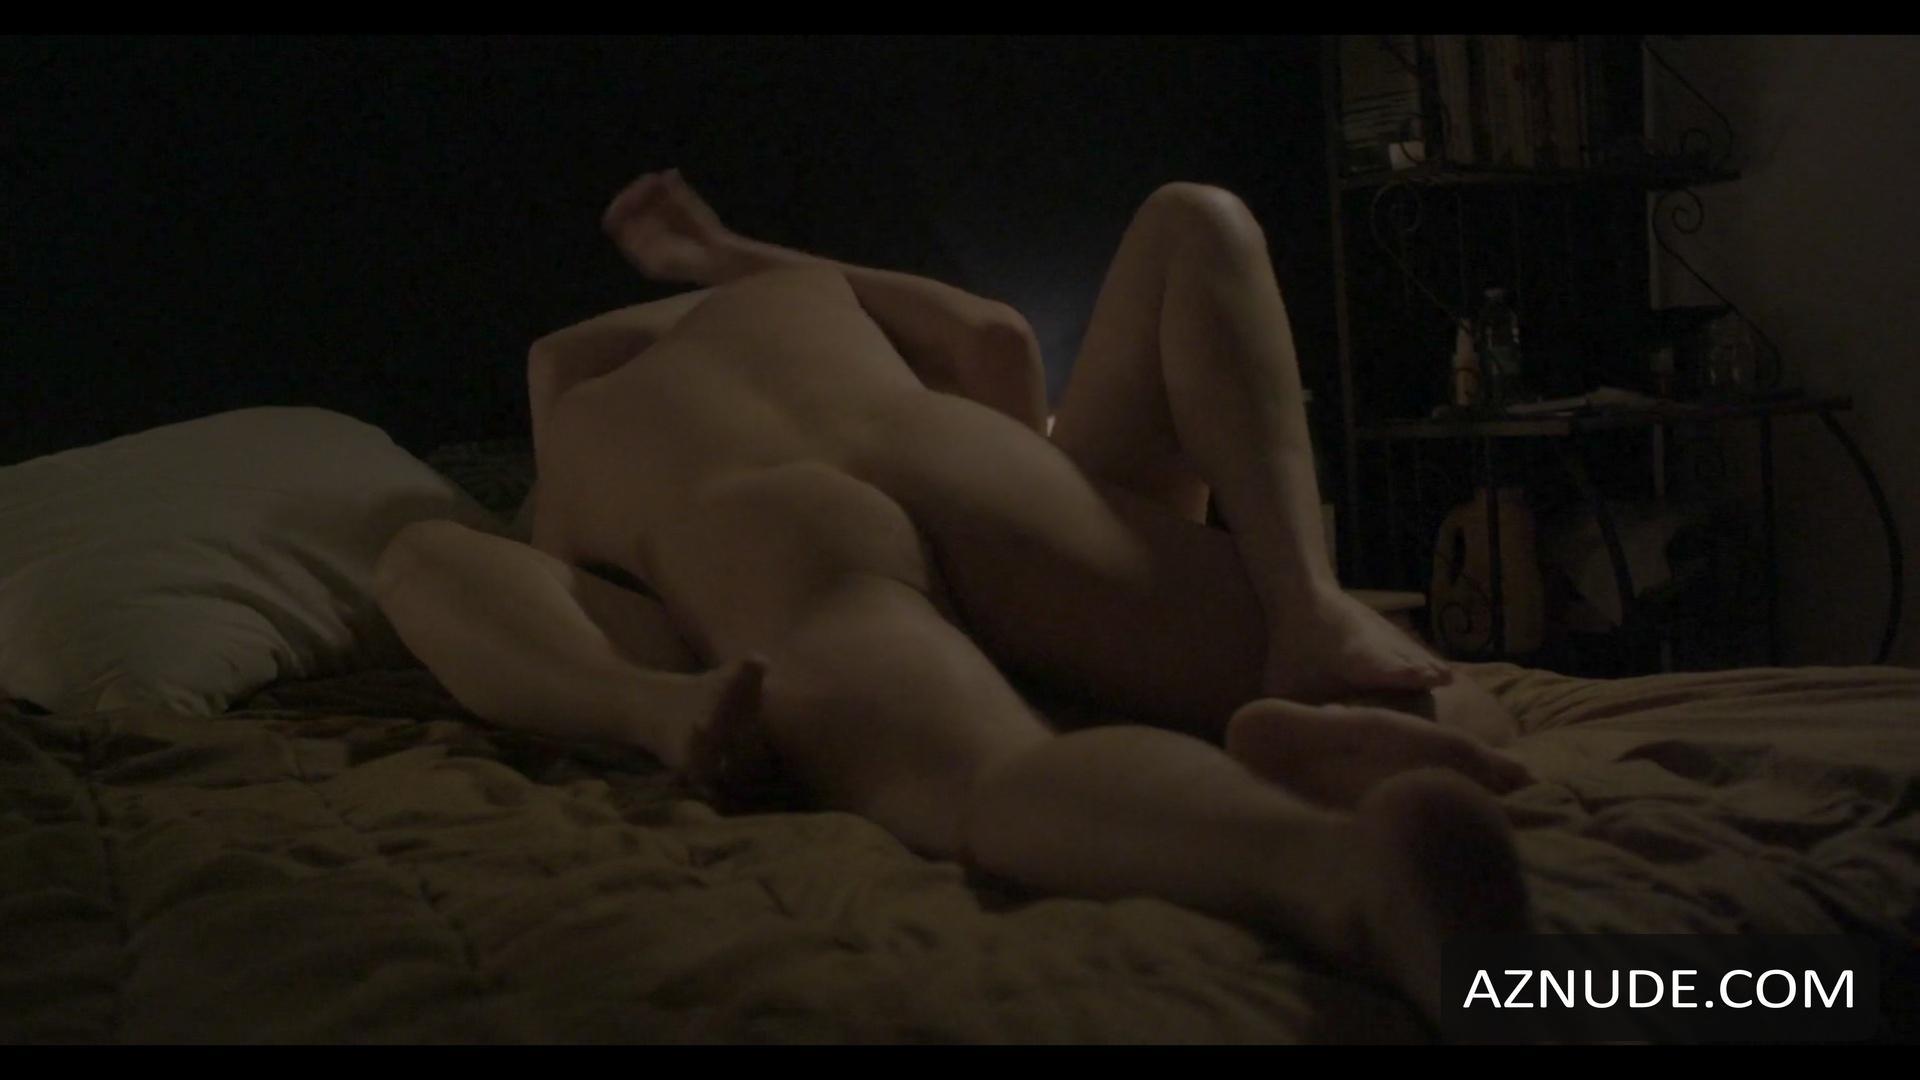 Sex And Violence Nude Scenes Aznude Men